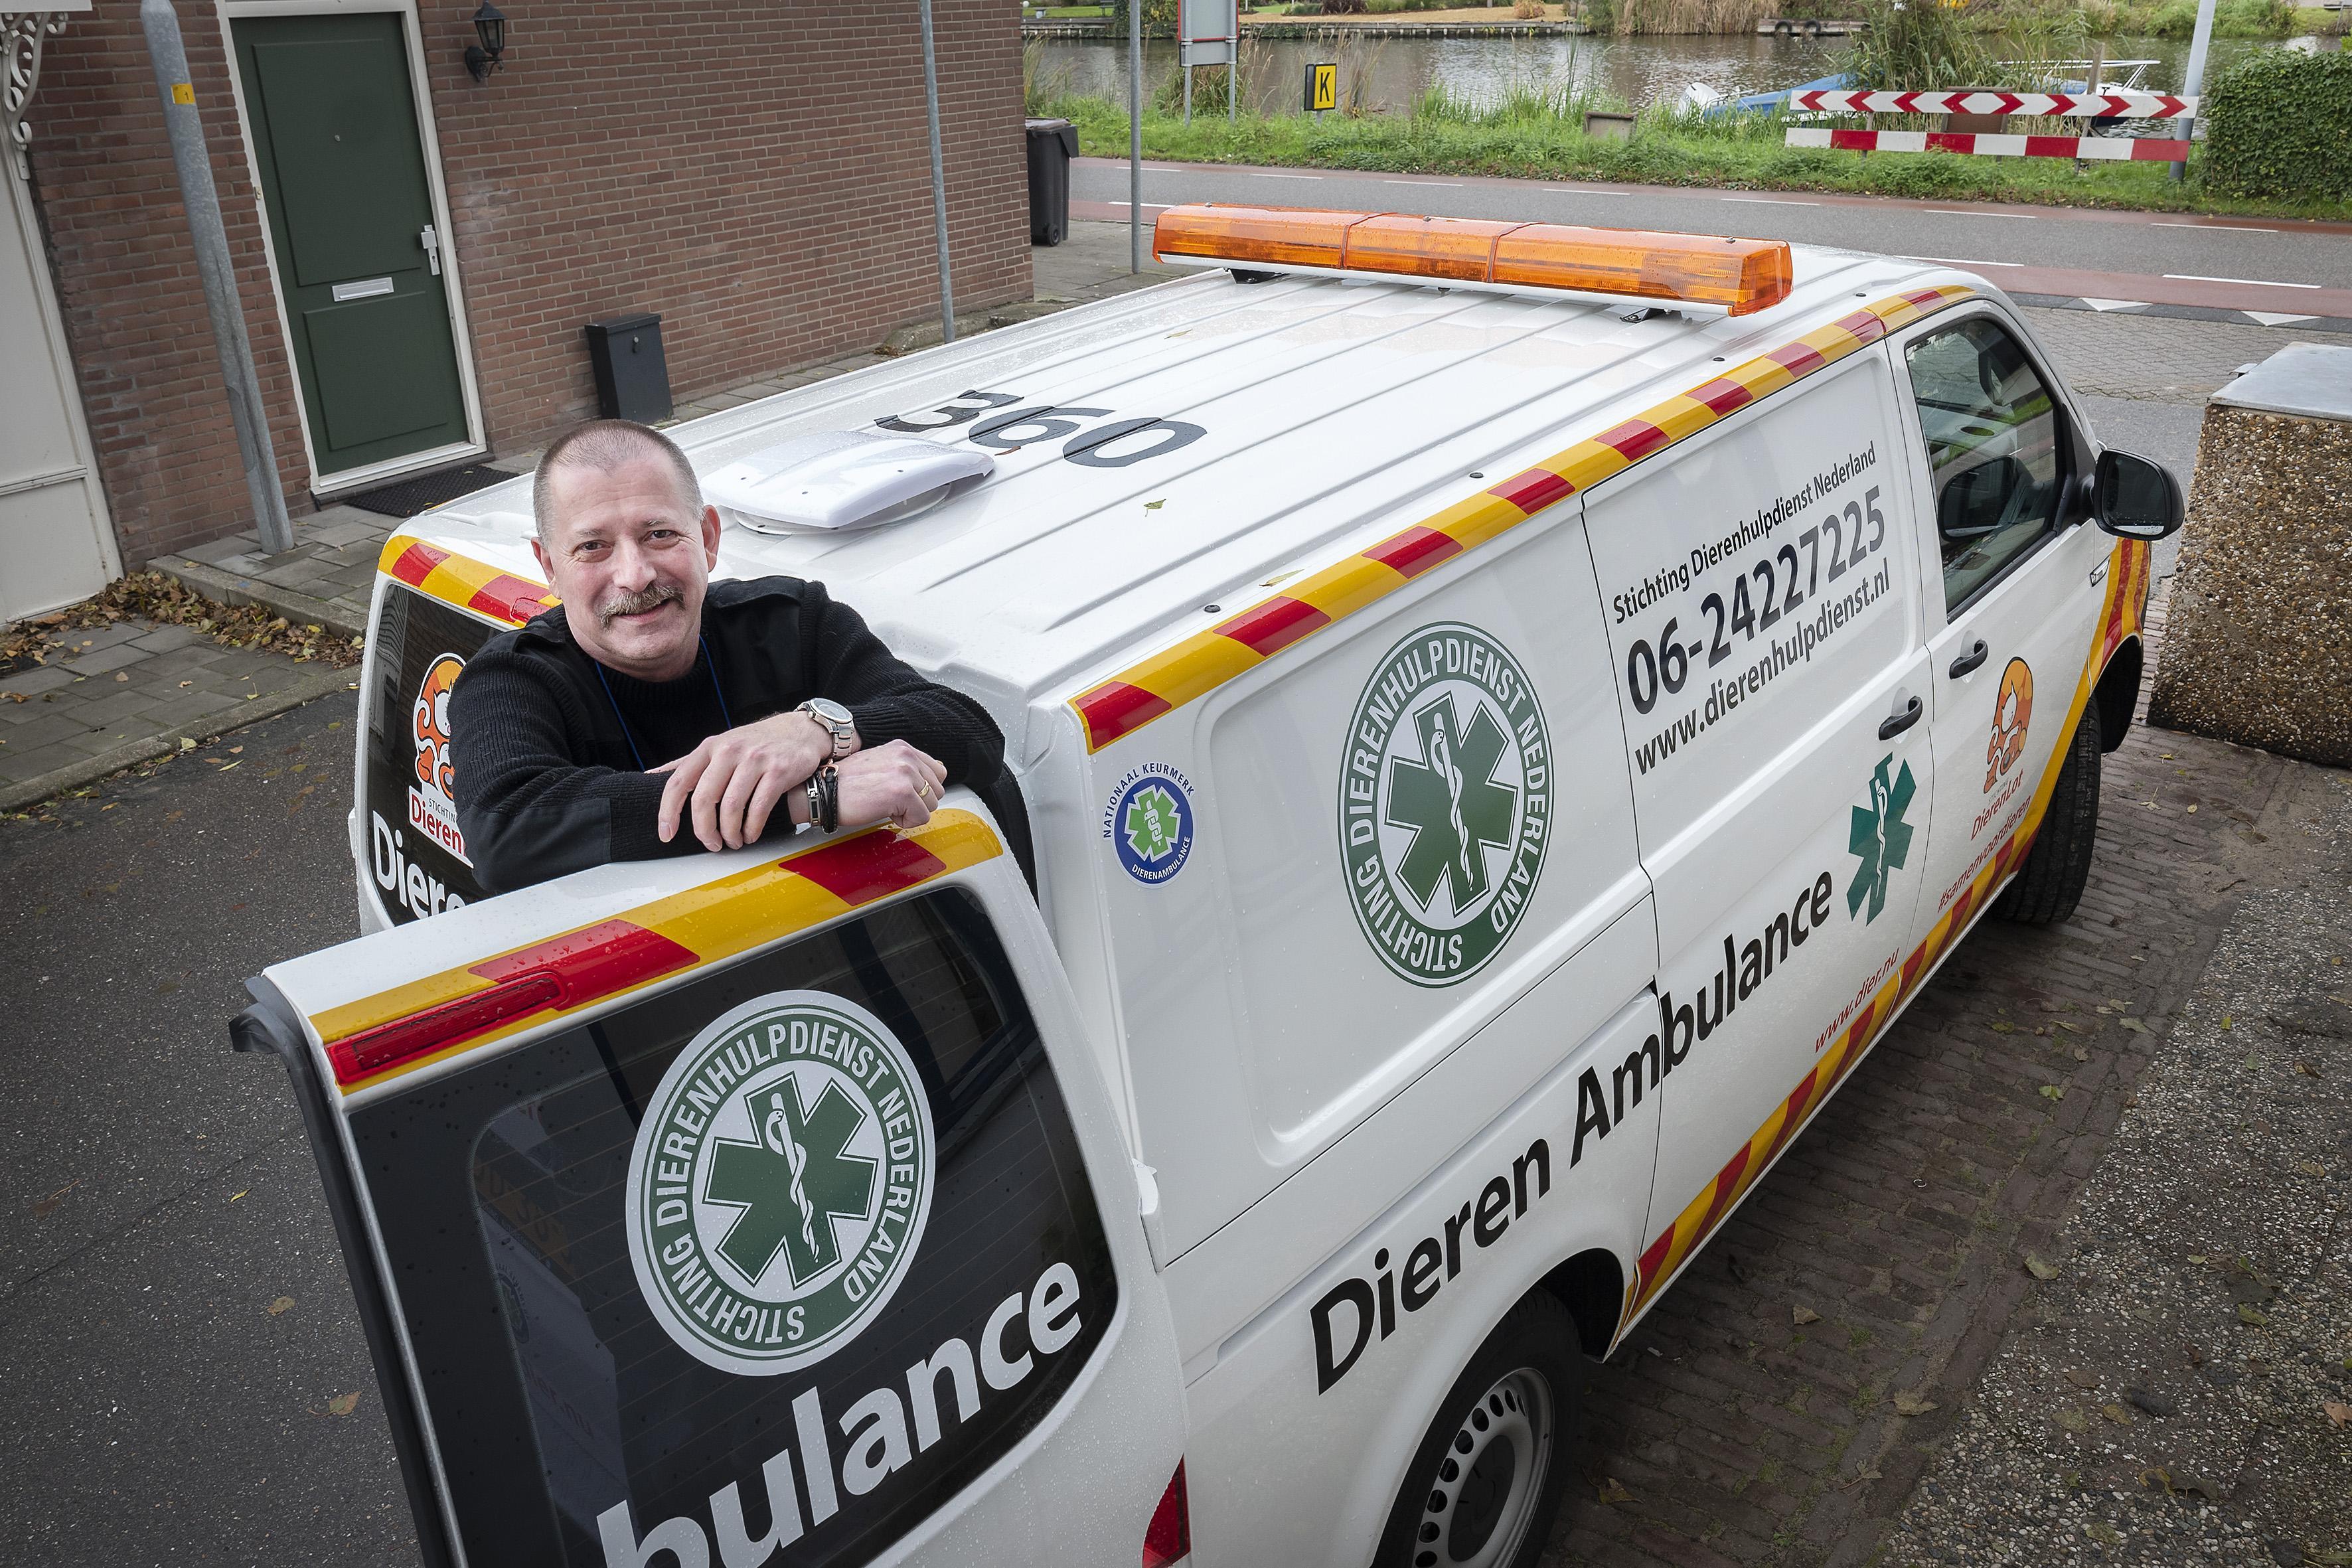 Twee nieuwe ambulances voor reptielenopvang Zwanenburg, organisatie rukte ook uit voor krokodillen die wietplantage en koffertjes van de onderwereld 'bewaakten'